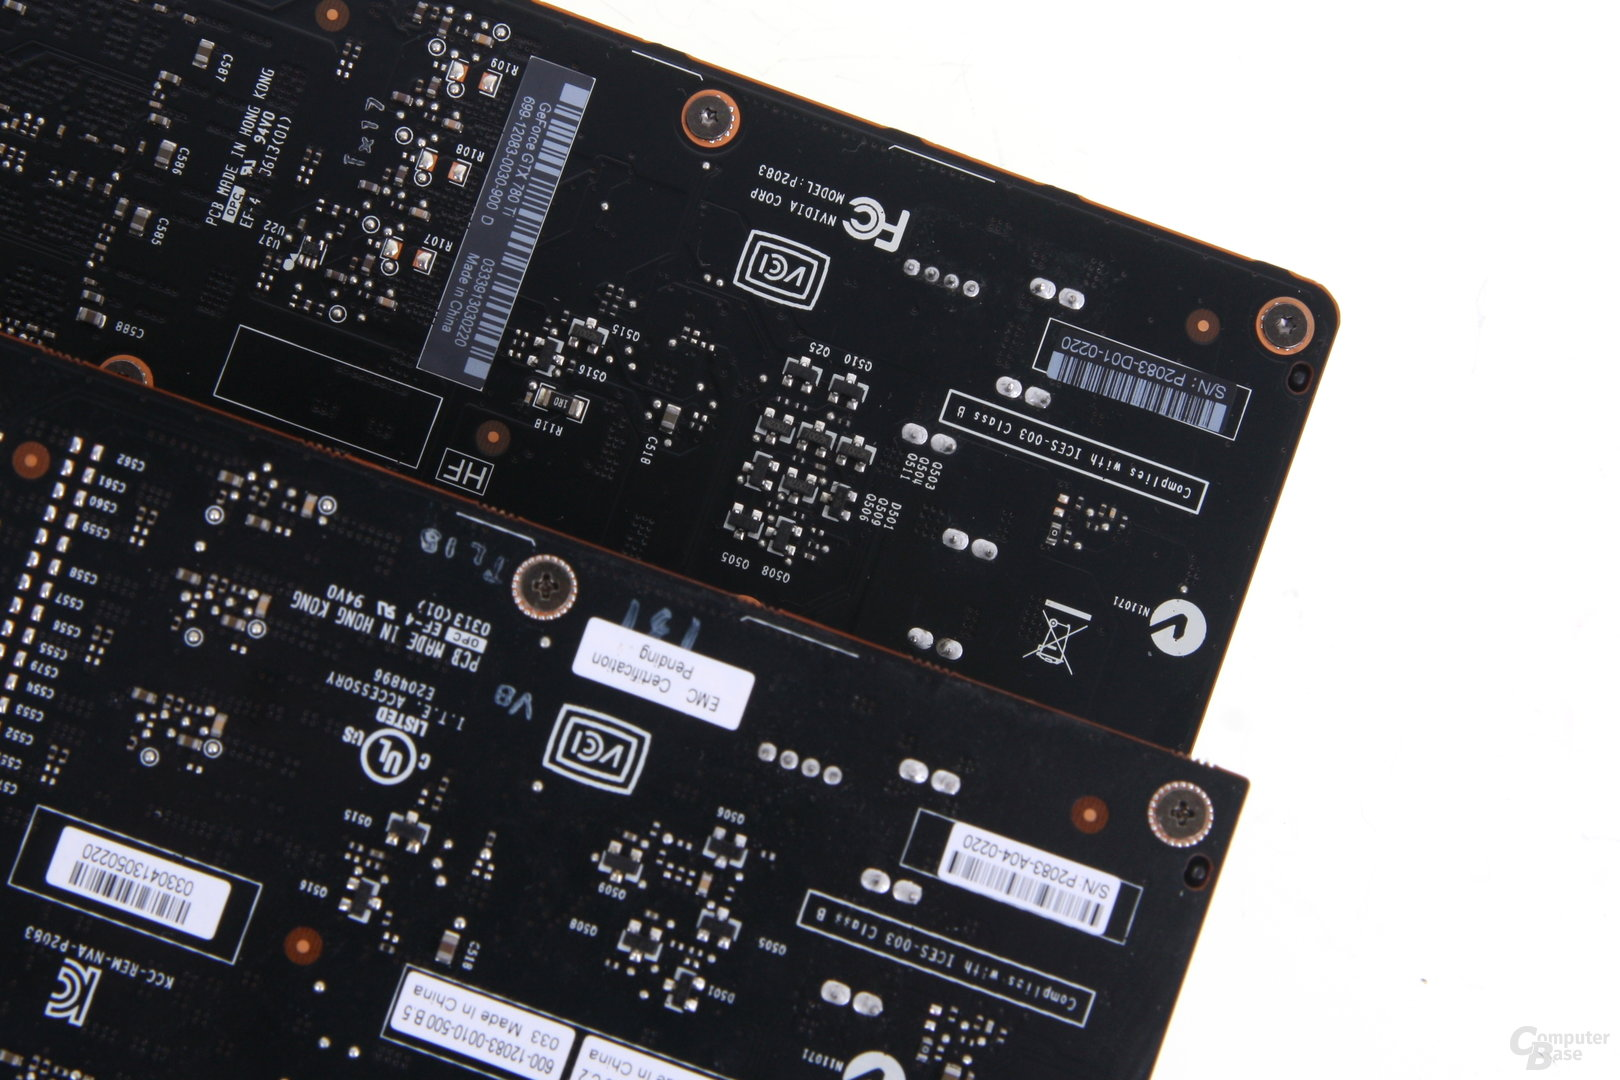 Bei der Stromversorgung weisen die PCBs Unterschiede auf